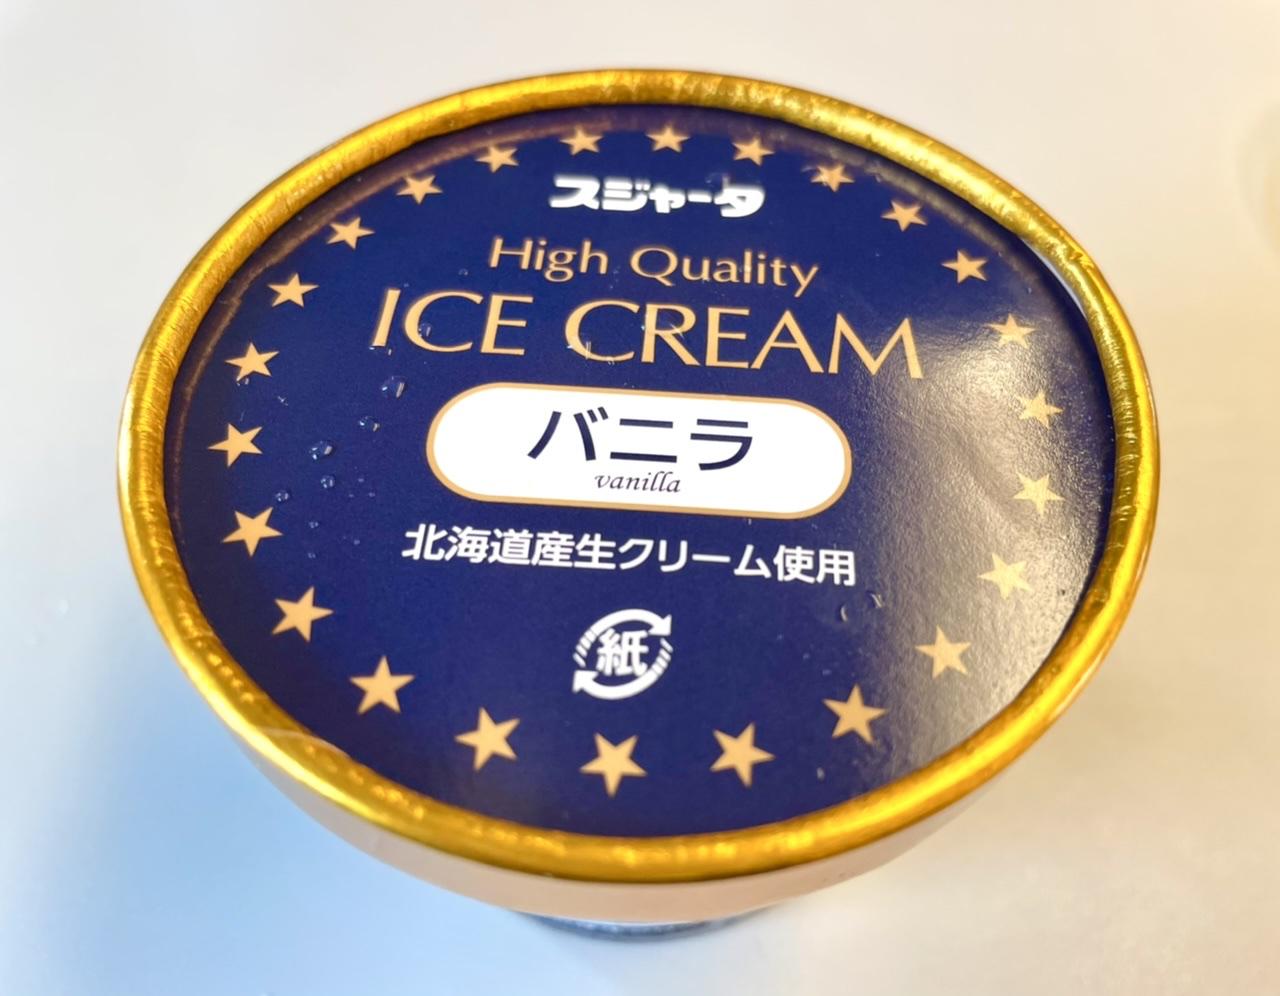 【ハーゲンダッ◯より濃厚⁉︎】生クリームを贅沢に使った新幹線のスジャータアイス_3